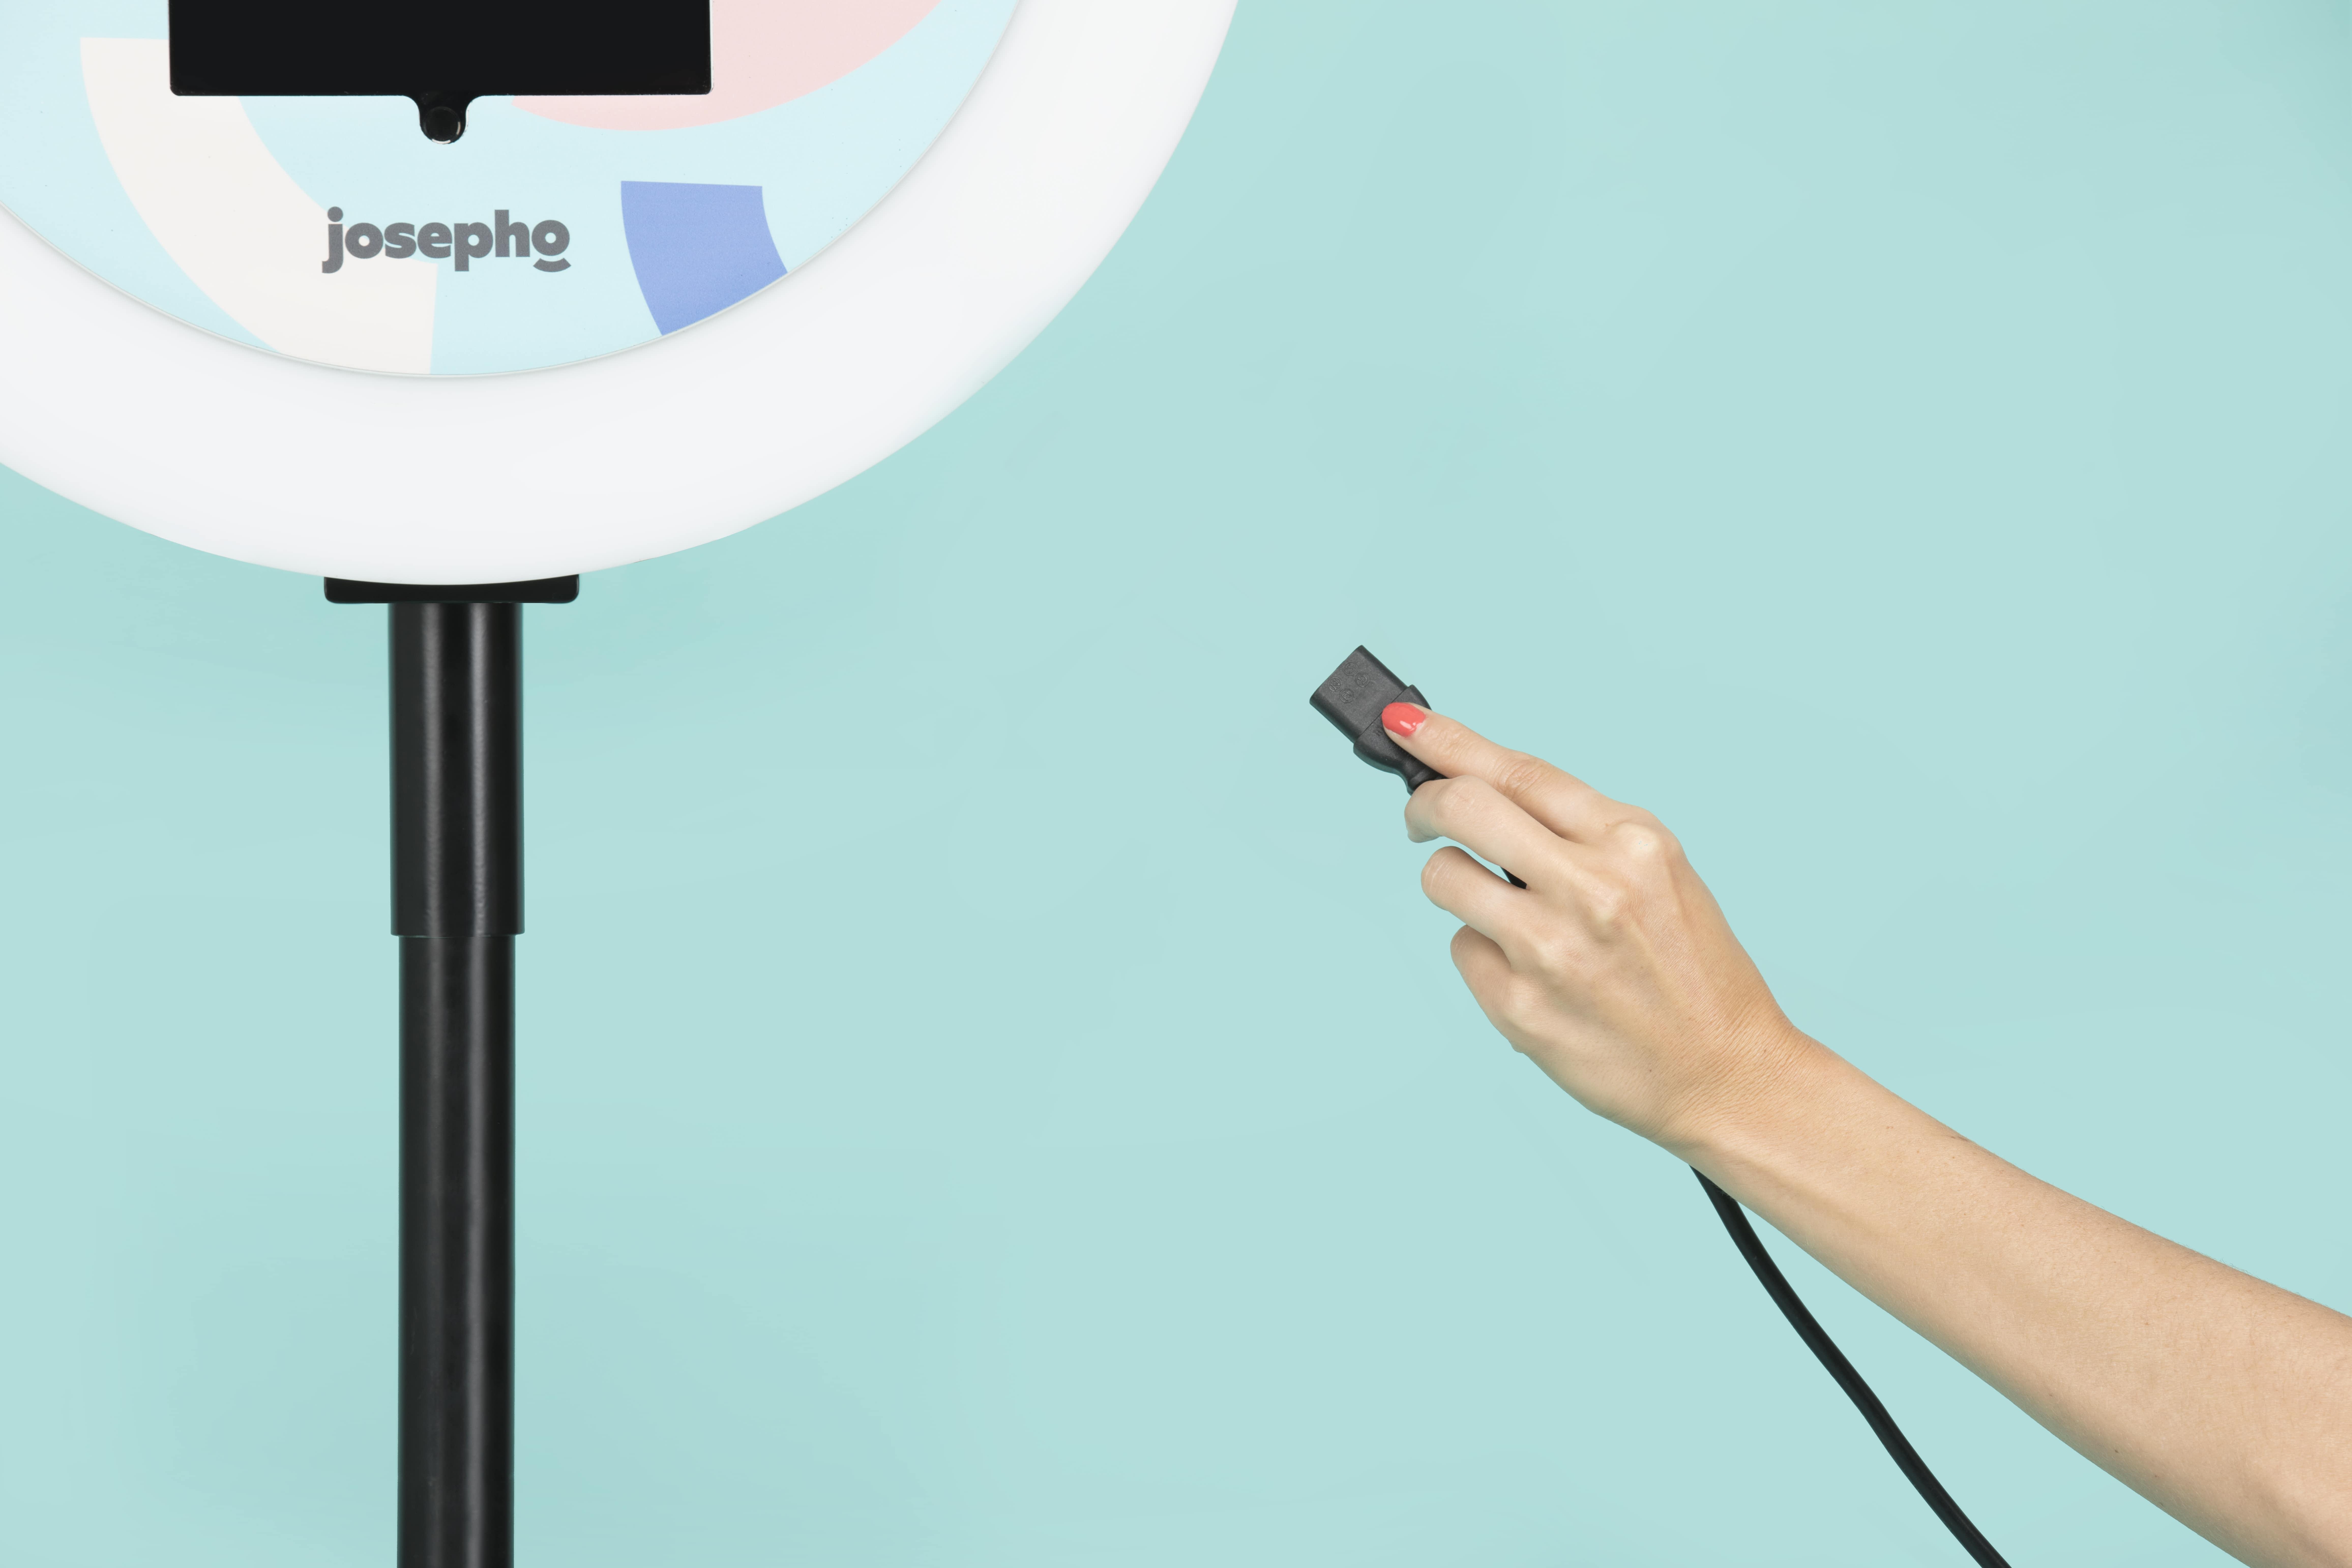 Une main est en train de brancher le photobooth / photomaton Josepho